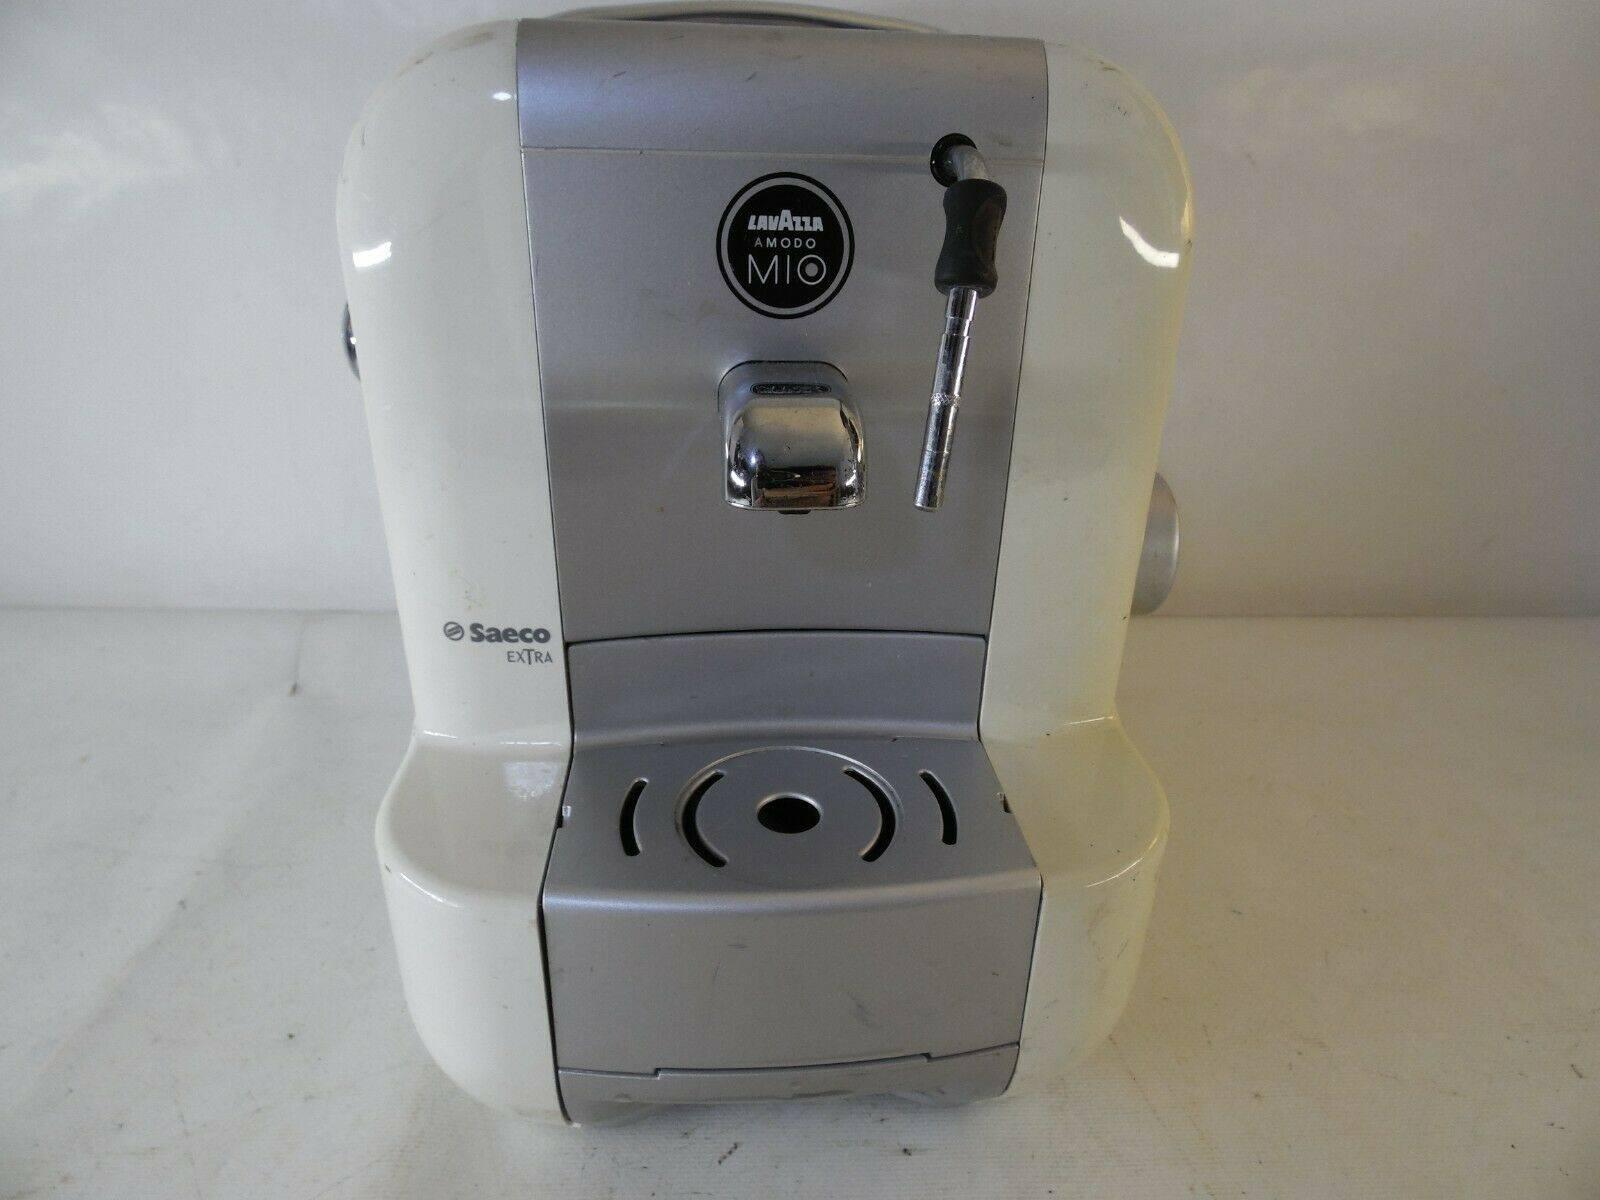 Saeco grinder ms 85 automatic, купить по акционной цене , отзывы и обзоры.